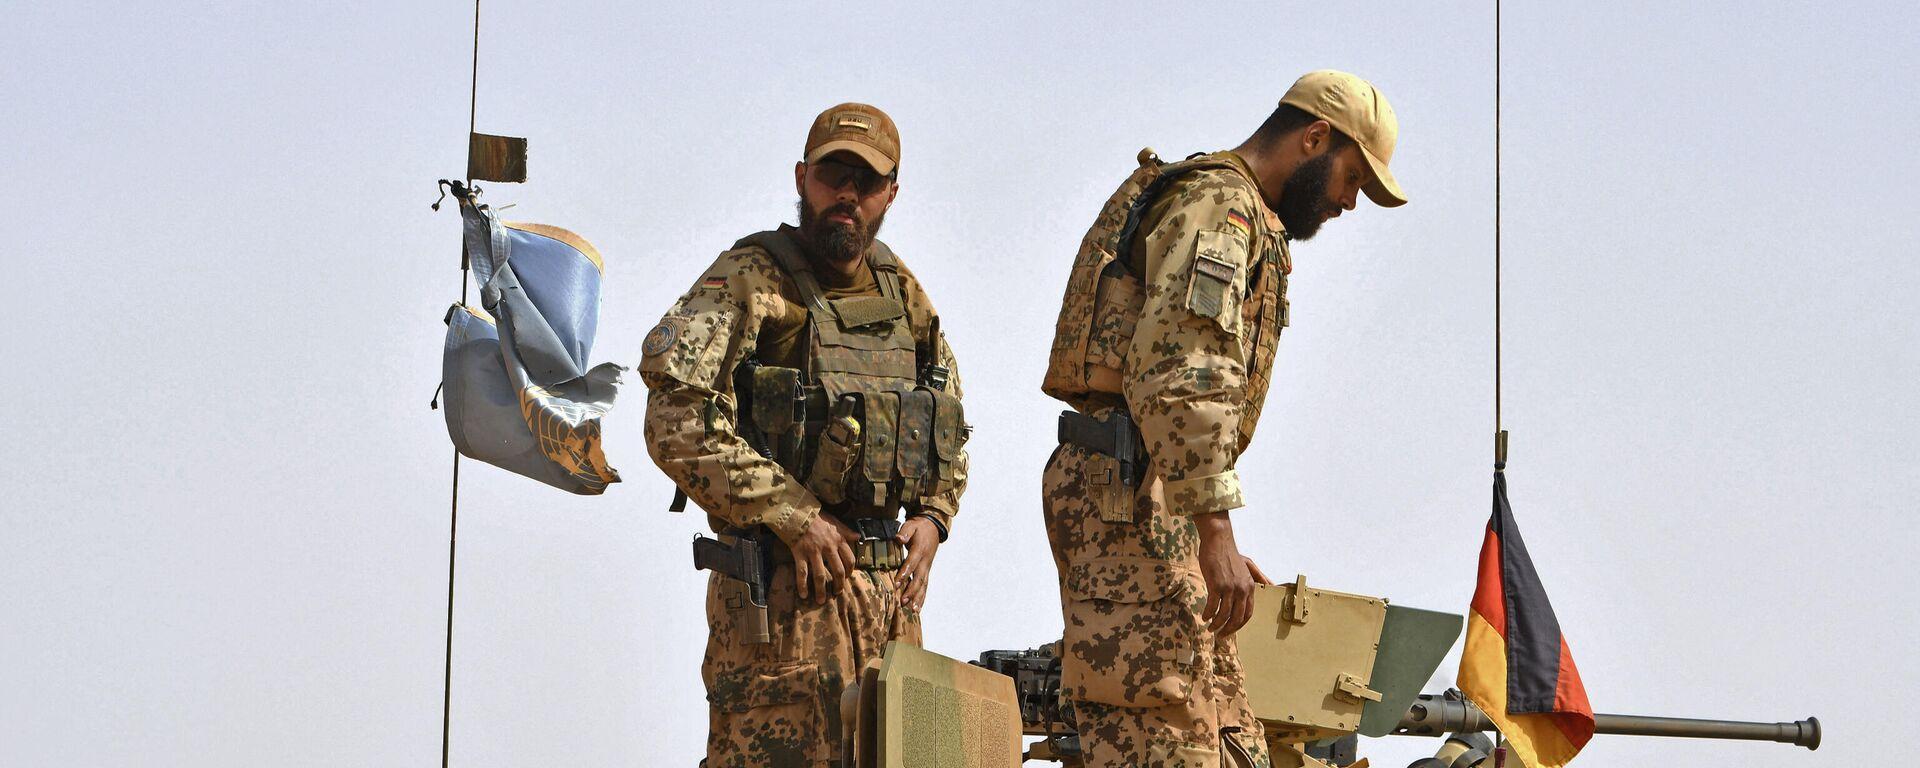 Deutsche Soldaten der Fallschirmspringer-Abteilung der MINUSMA (United Nations Multidimensional Integrated Stabilization Mission in Mali) in Mali am 2. August 2018 - SNA, 1920, 03.09.2021